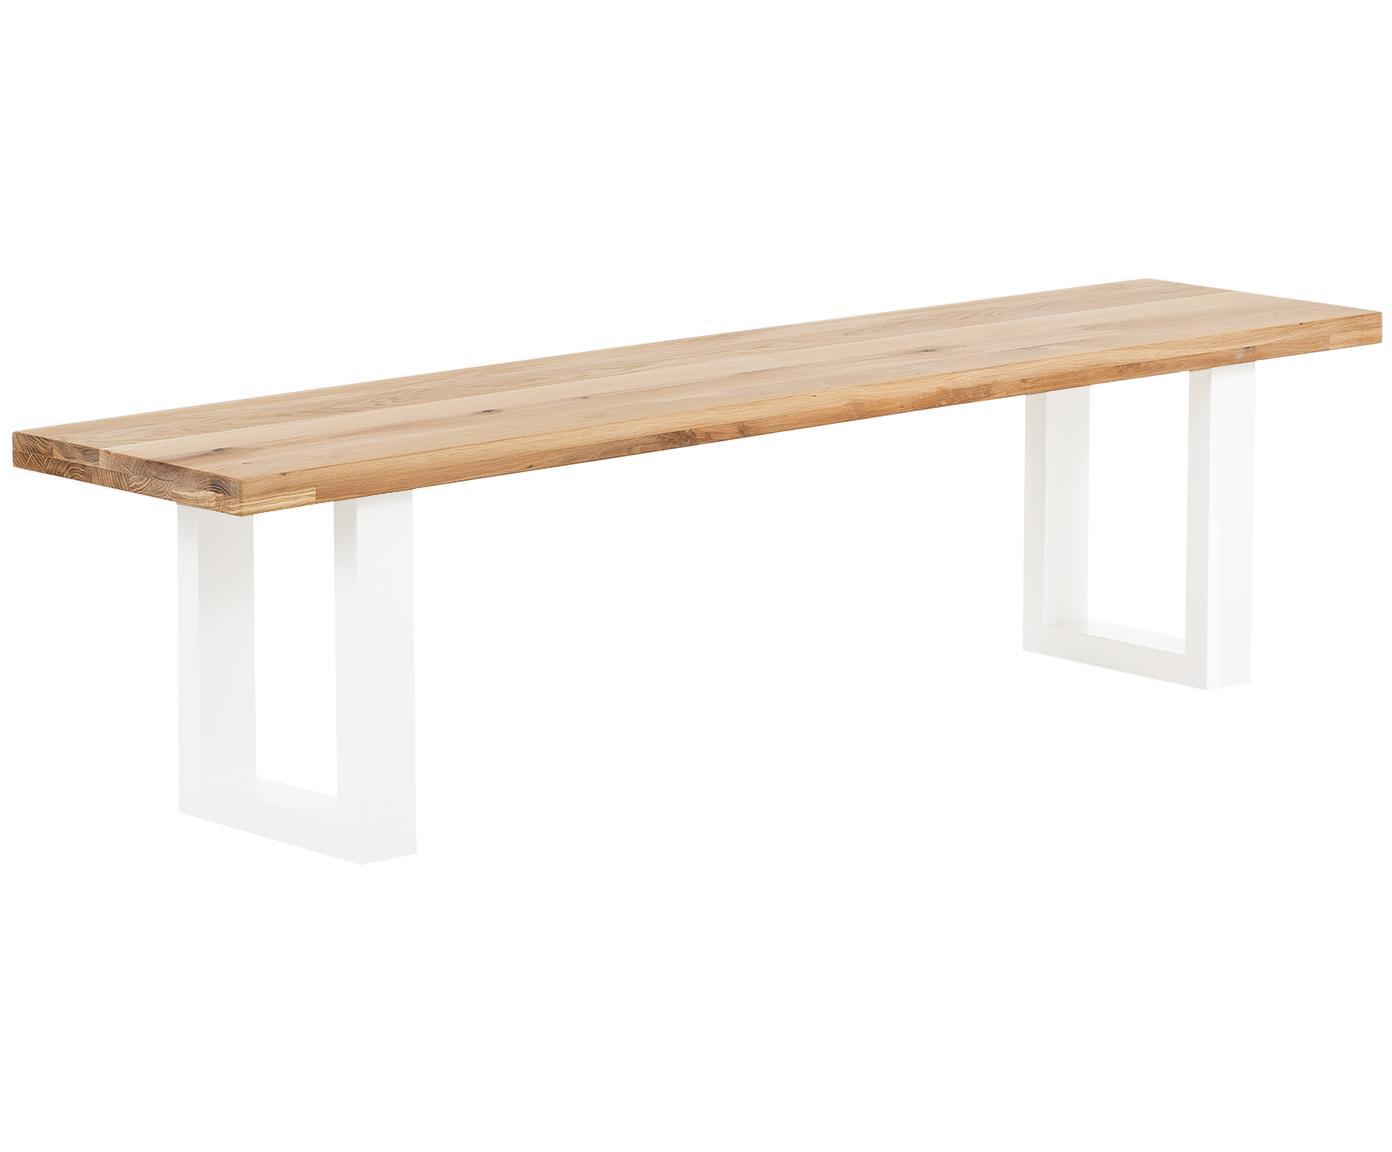 Sitzbank Oliver aus Eichenholz, Sitzfläche: Europäische Wildeiche, ma, Beine: Matt lackierter Stahl, Sitzfläche: WildeicheBeine: Weiß, 200 x 45 cm